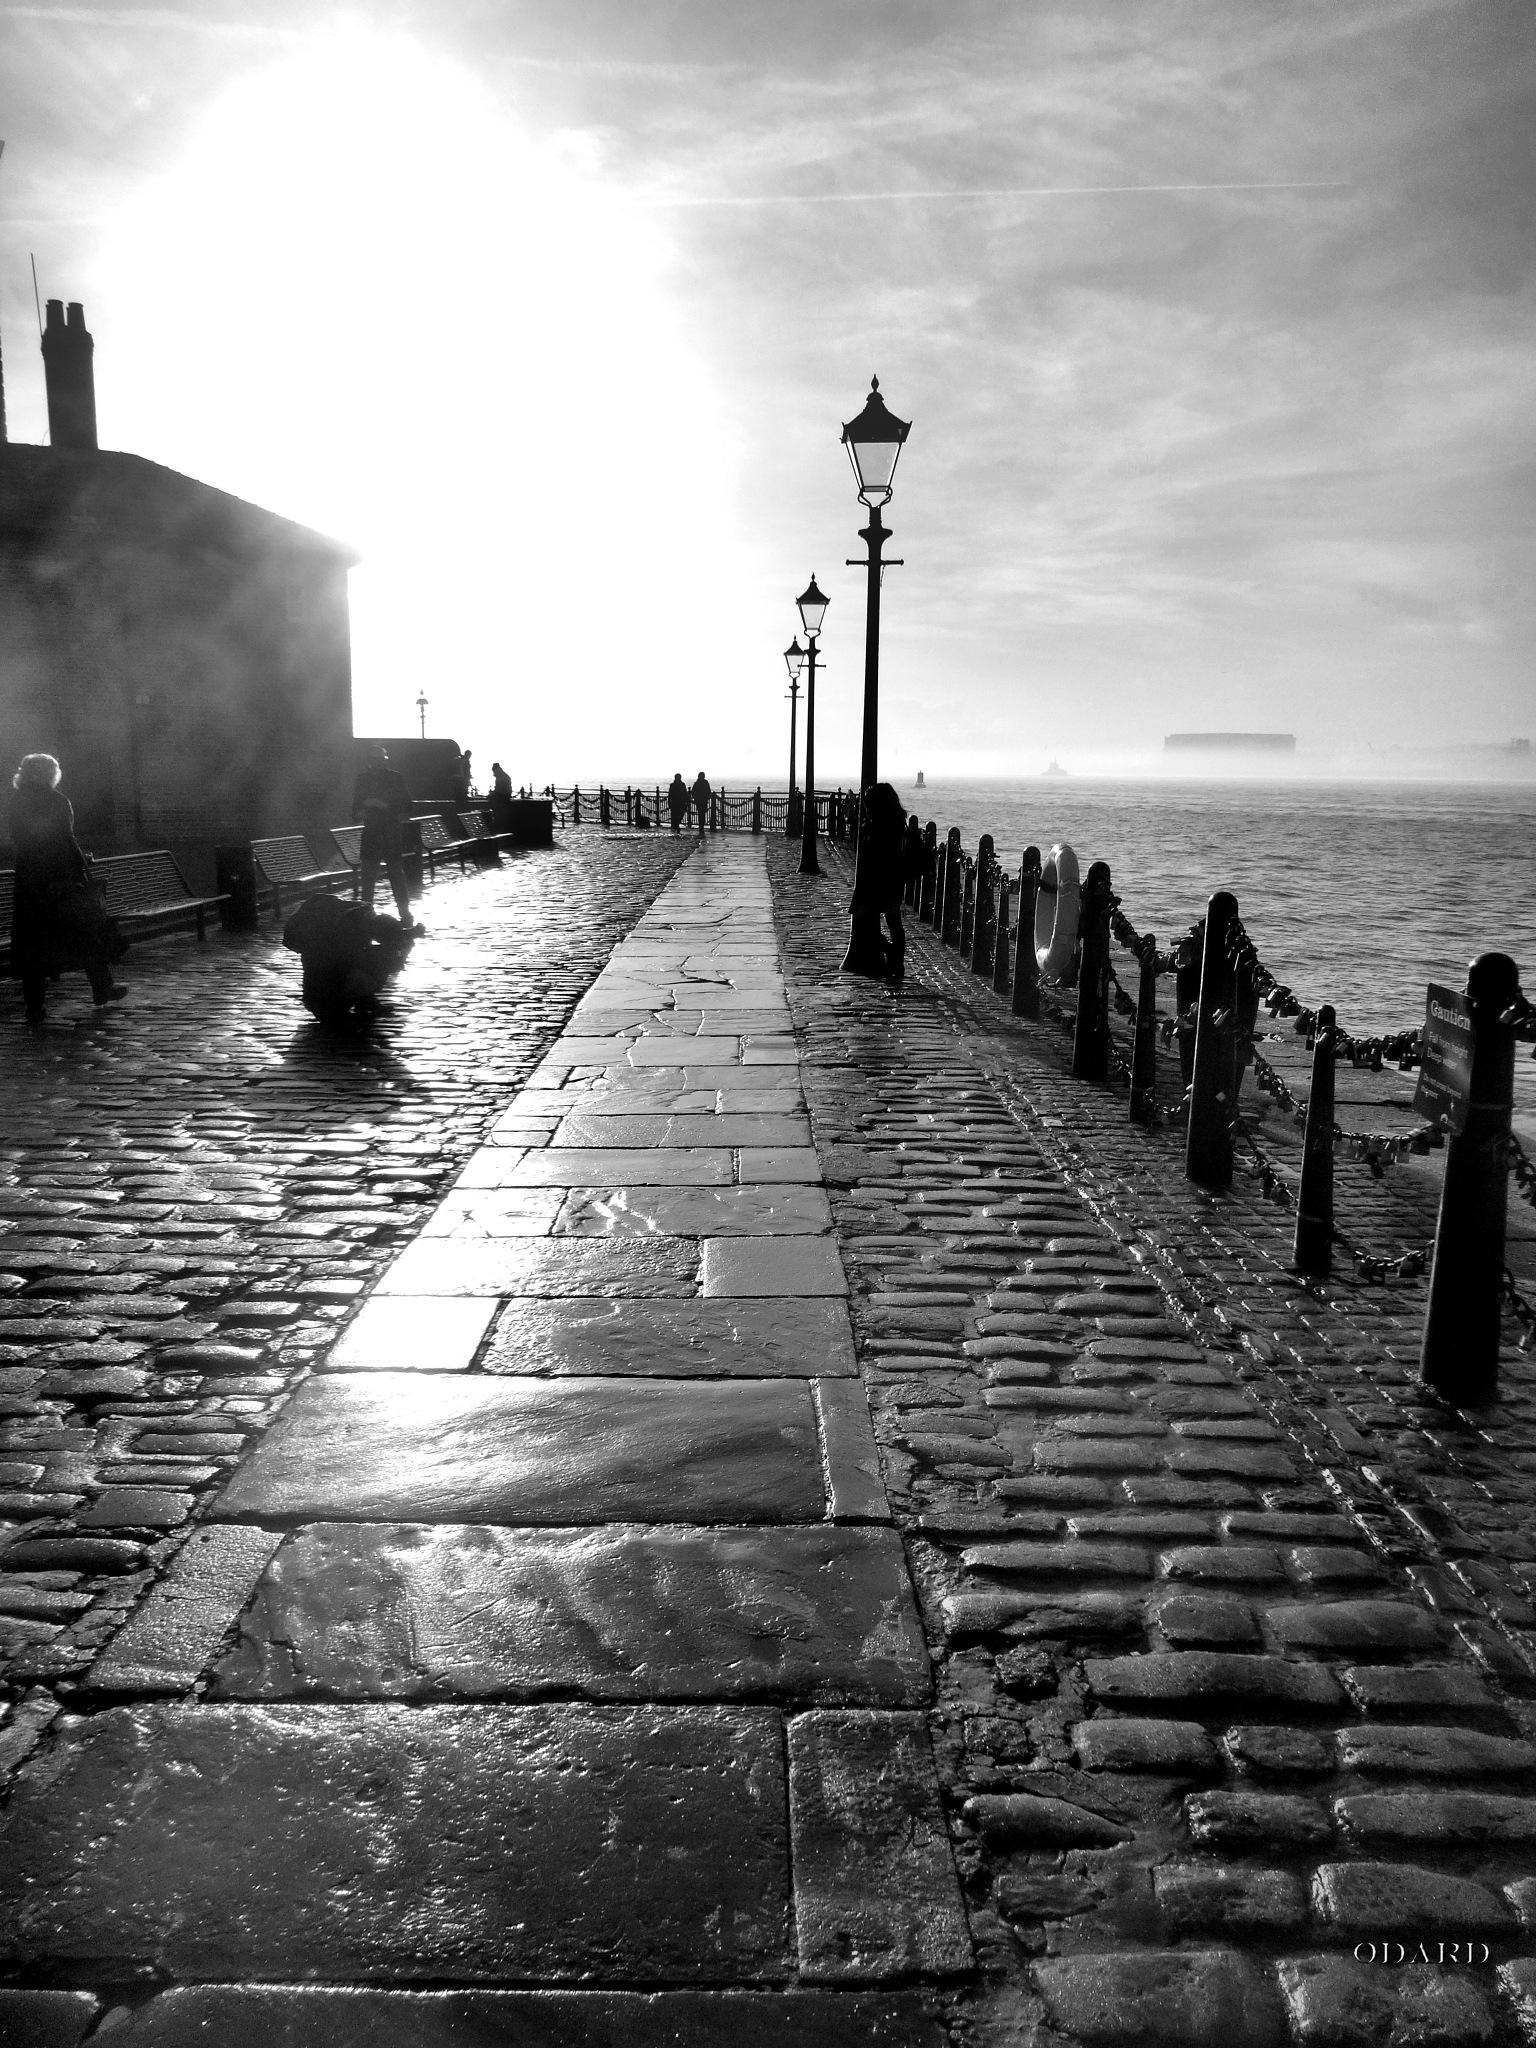 Winter promenade by Odard